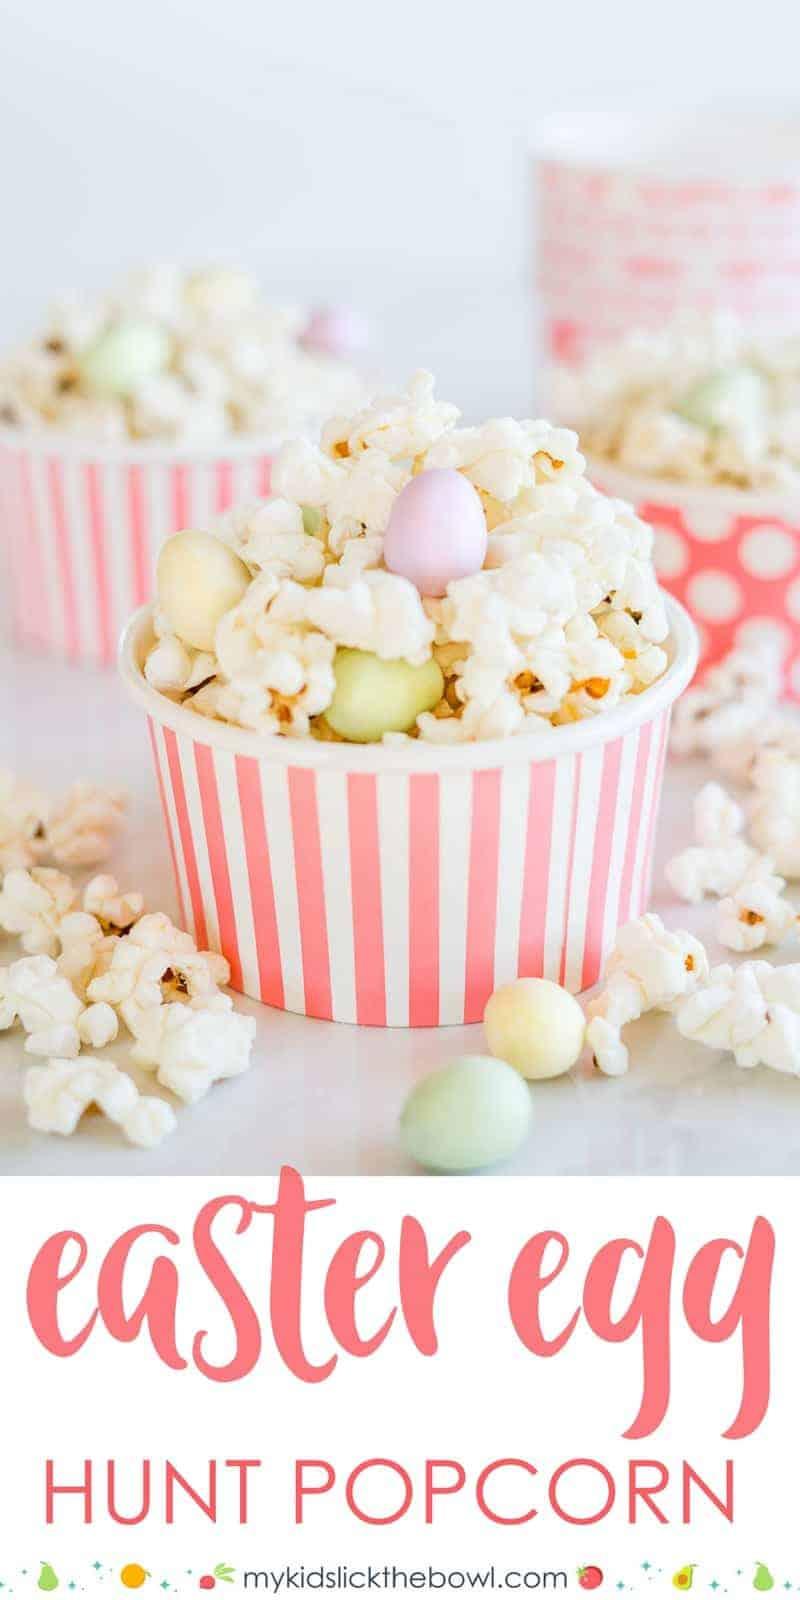 Easter Egg Hunt Popcorn